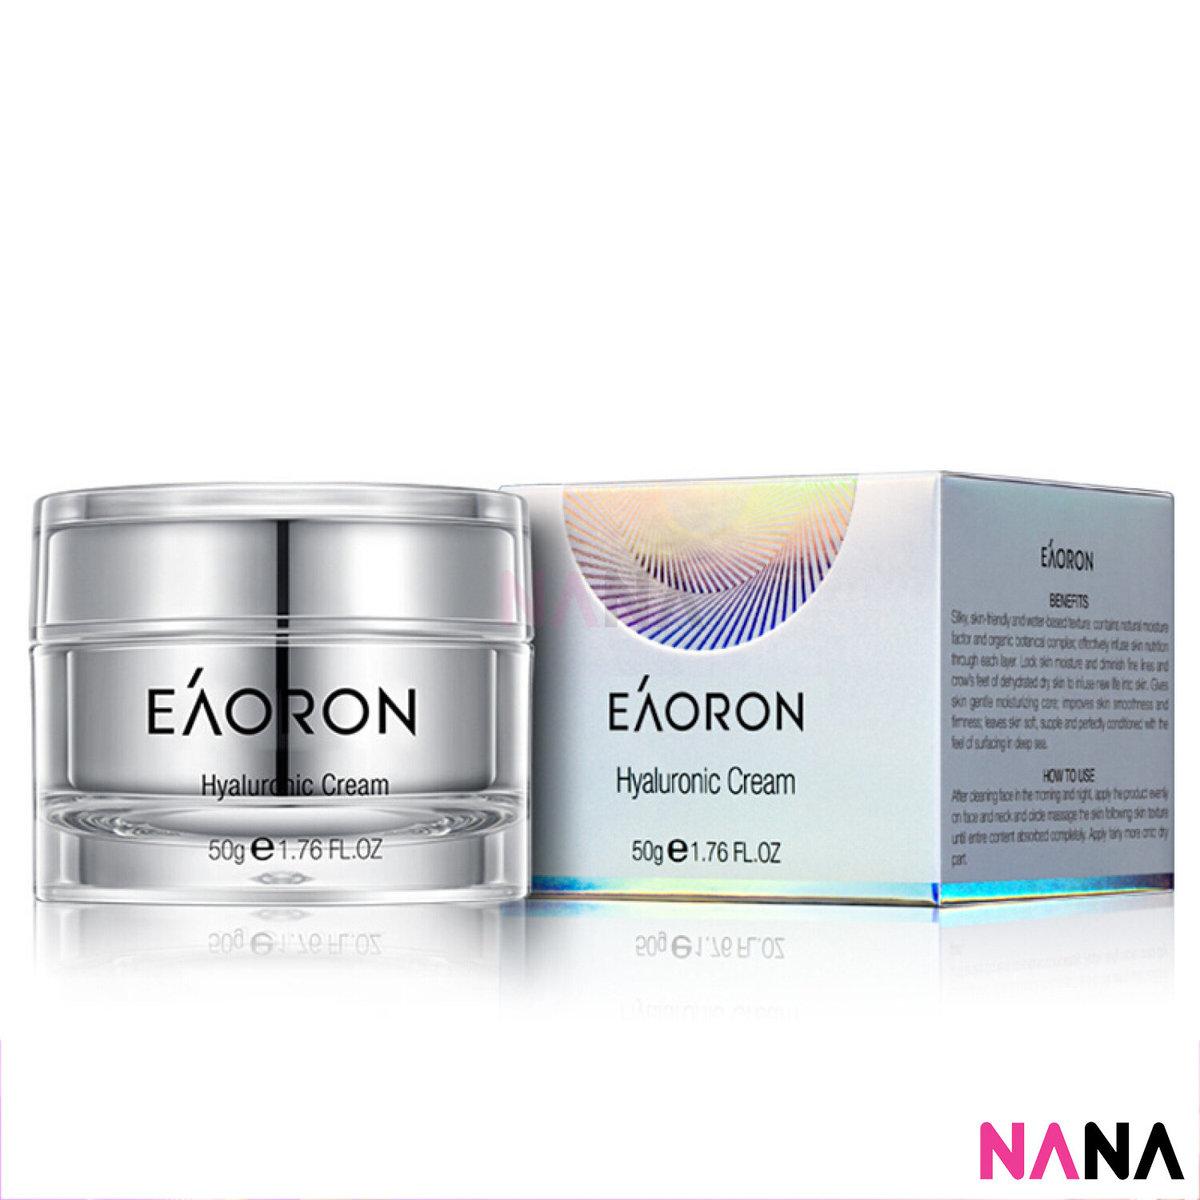 Hyaluronic Cream 50g [New Packaging]